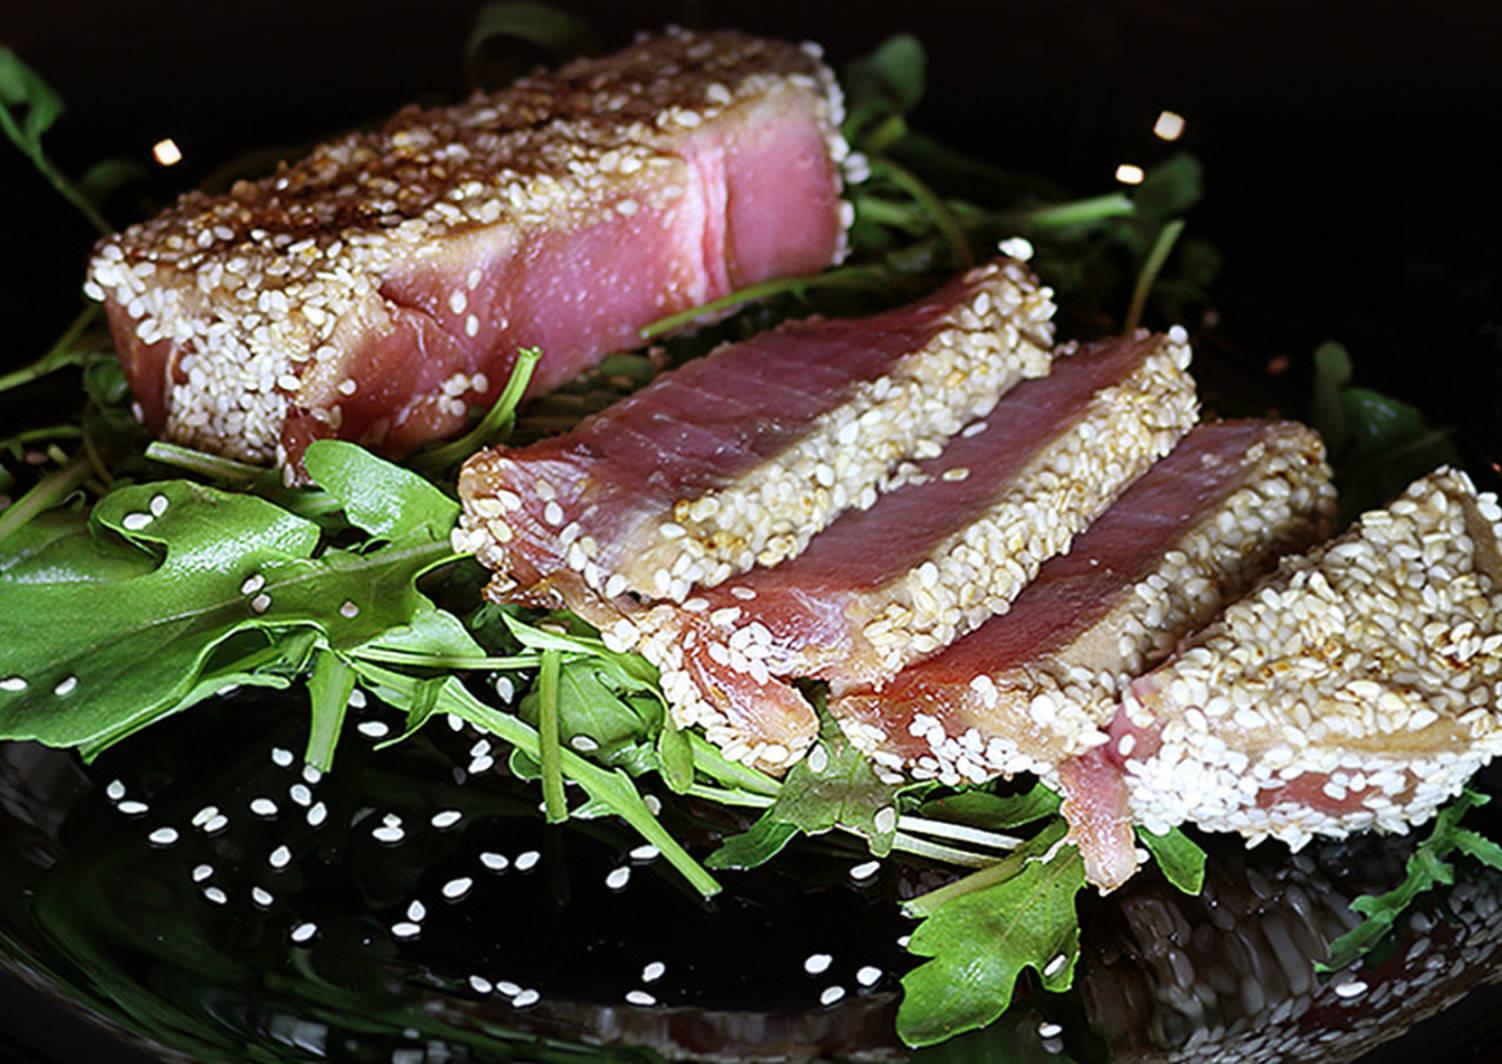 блюда из тунца замороженного рецепты с фото слухи, что